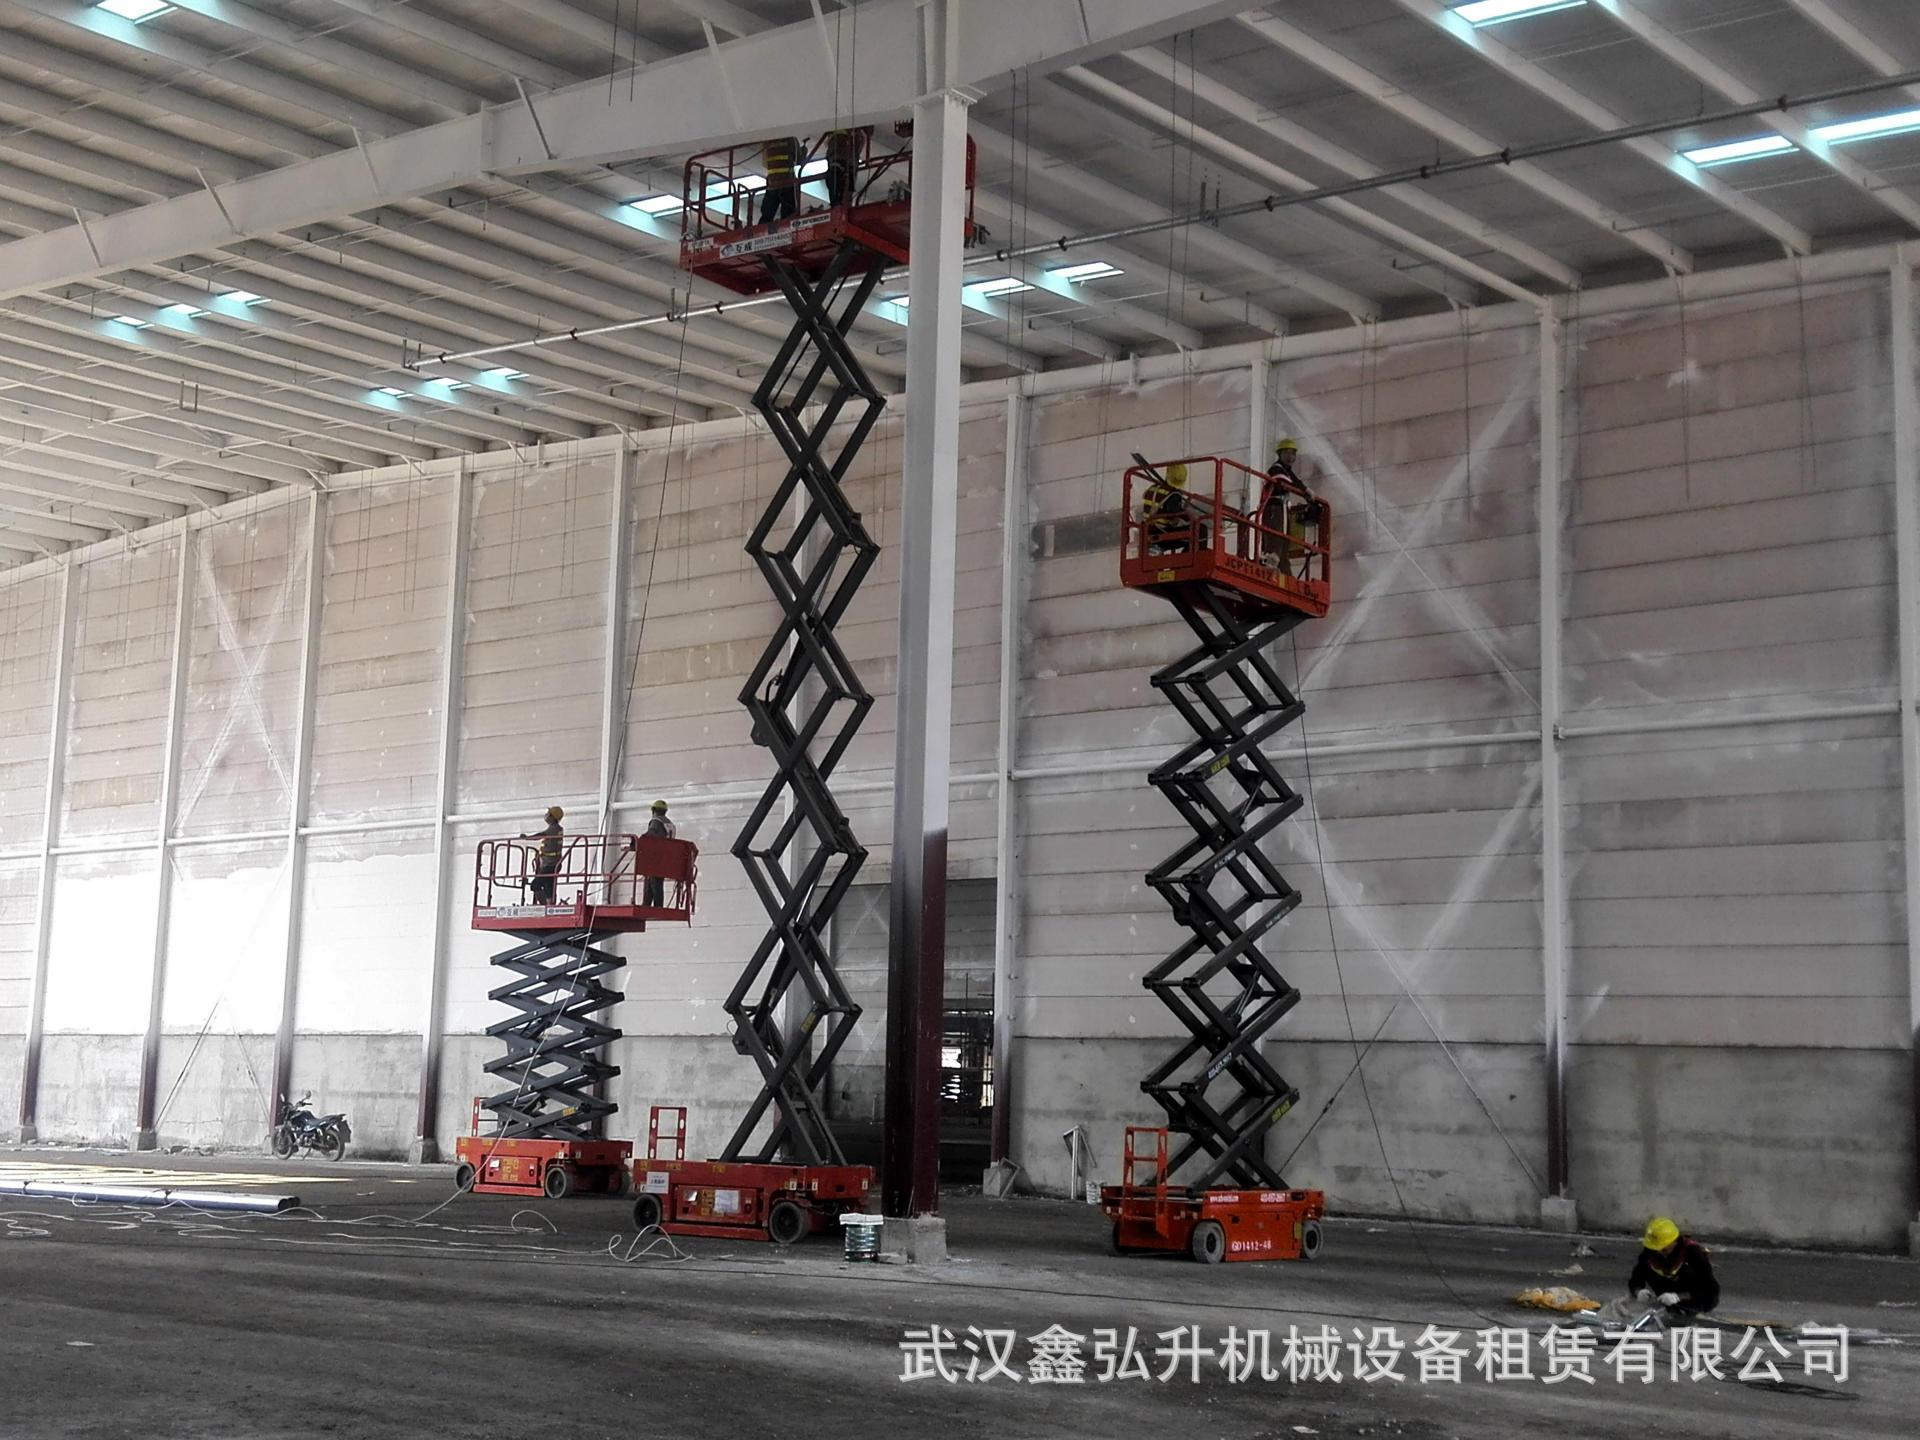 武汉鑫弘升专门从事自动行走升降机、升降平台租赁,现货供